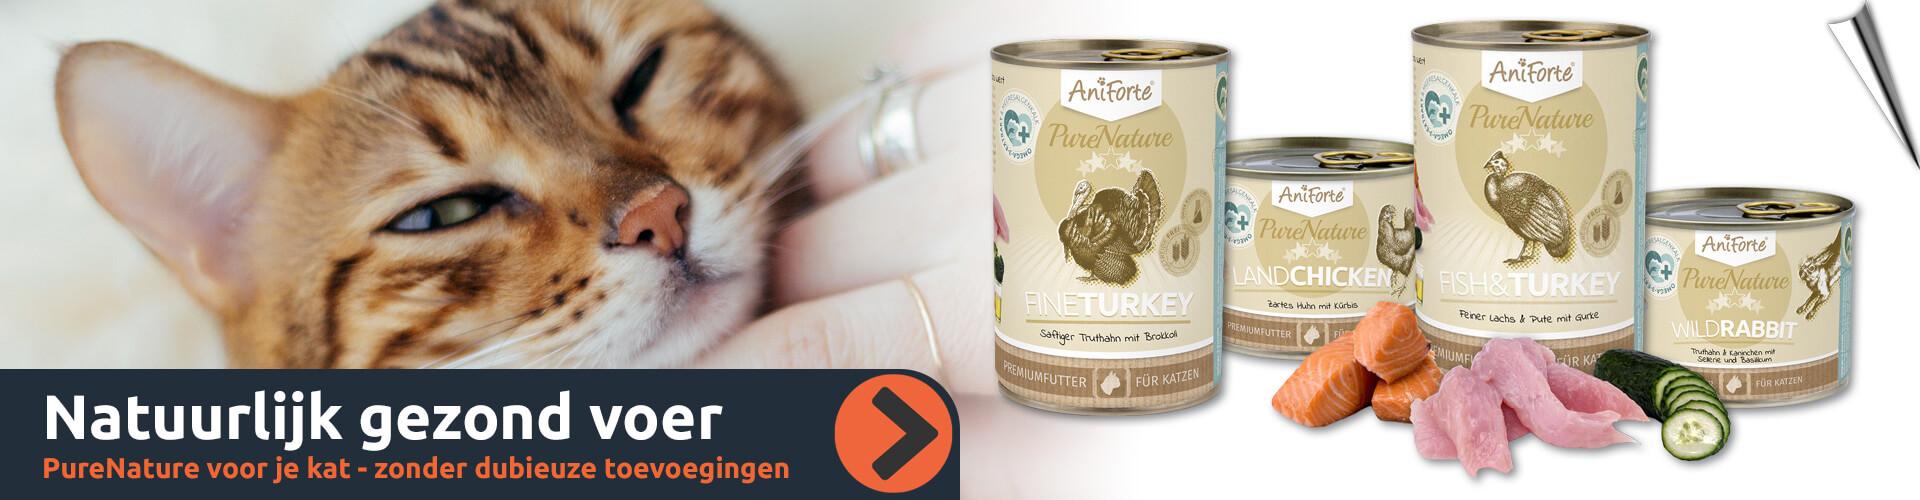 PureNature - Gezonde voeding voor jouw kat